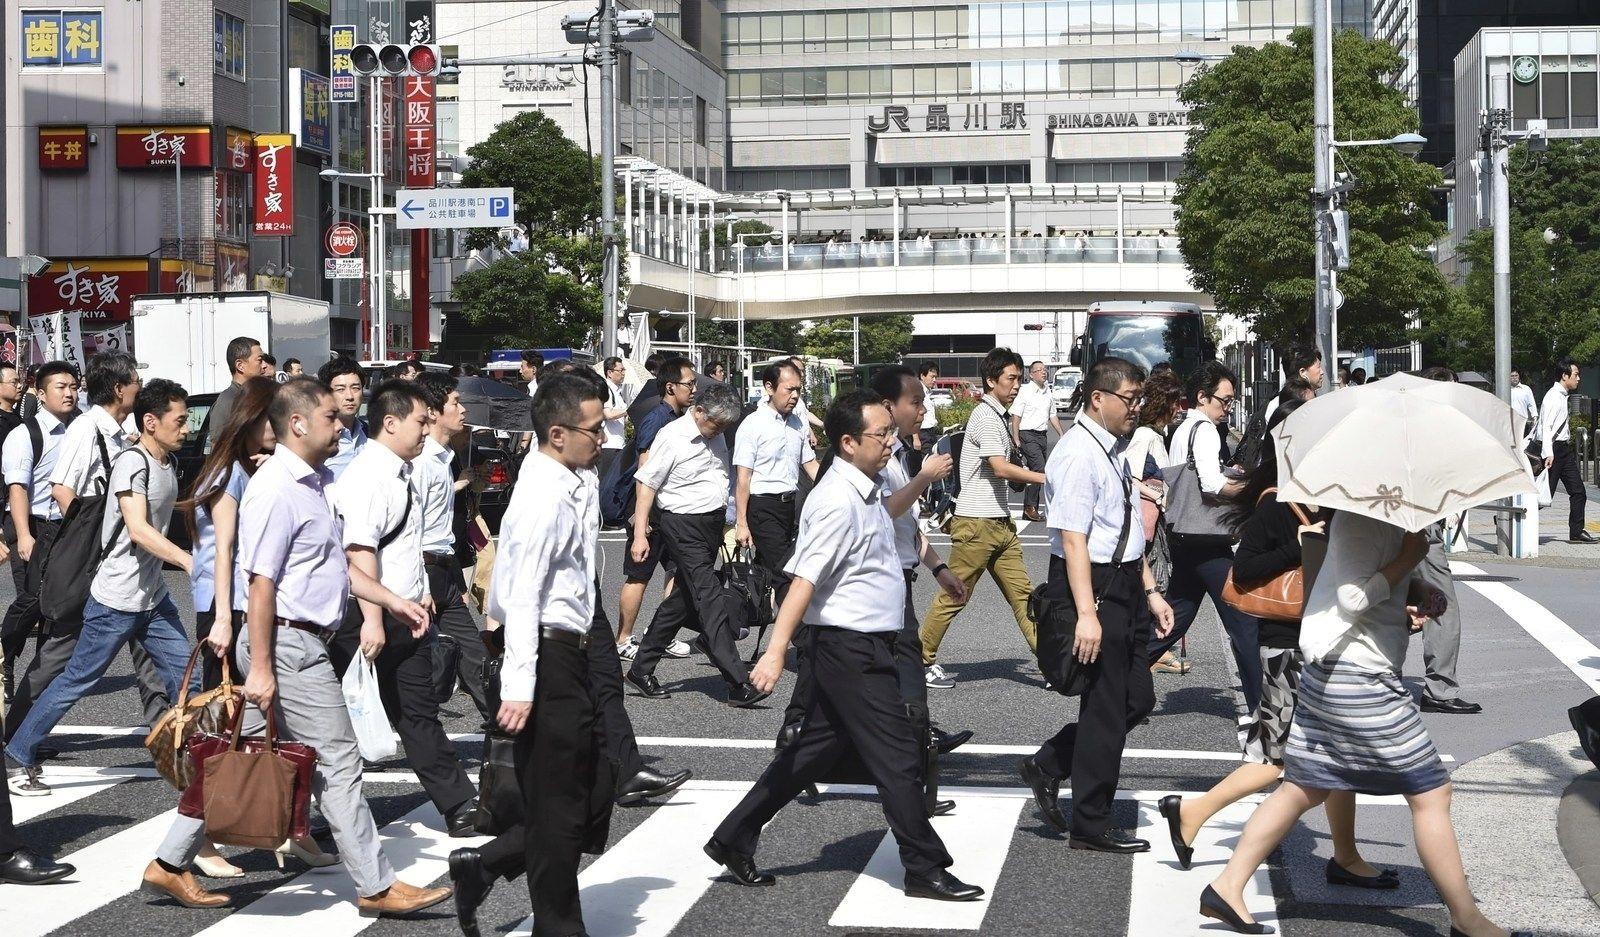 Япон улс гадаадаас 500,000 ажилчин авахаар төлөвлөж байна